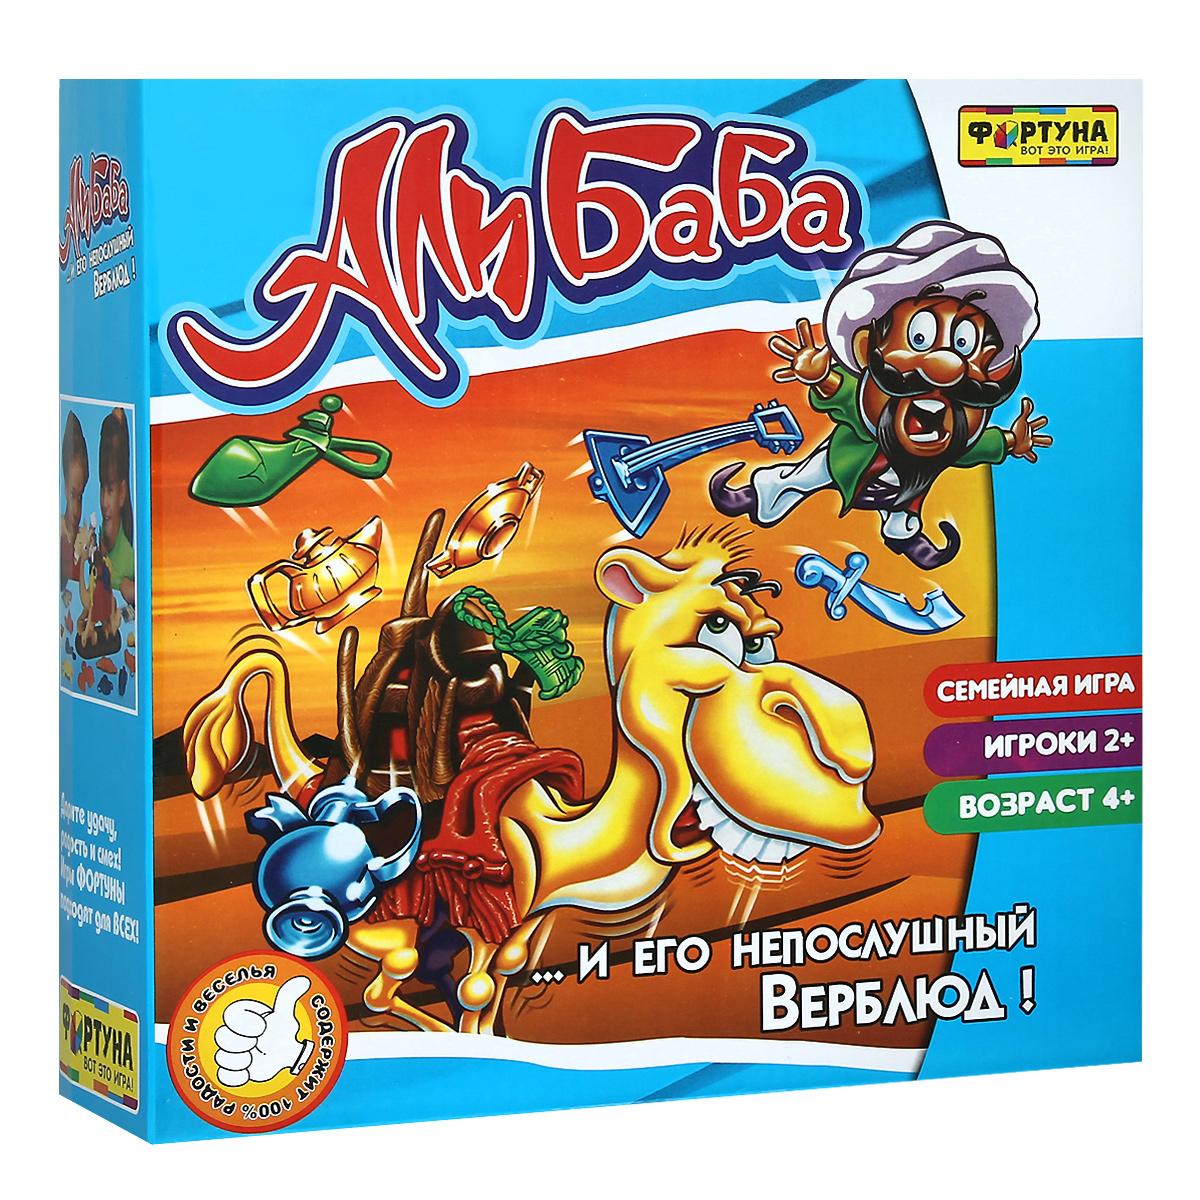 Настольная игра Али-Баба и его непослушный верблюдФ51233Настольная игра Али Баба и его непослушный верблюд - семейная игра, целью которой является аккуратно расположить на седле верблюда как можно больше предметов. Будьте осторожны! Не злите избалованного и капризного верблюда, иначе он может сбросить весь ваш багаж. В этой игре ситуация может измениться каждую секунду, все игроки имеют равные шансы на победу. Победа достанется только самому аккуратному и ловкому игроку, а удовольствие, веселье и искренний смех поровну разделяться на всех! Комплект игры содержит фигурку верблюда, фигурку Али-Бабы, седло, 15 предметов багажа, 20 игровых карточек и правила игры на русском языке.